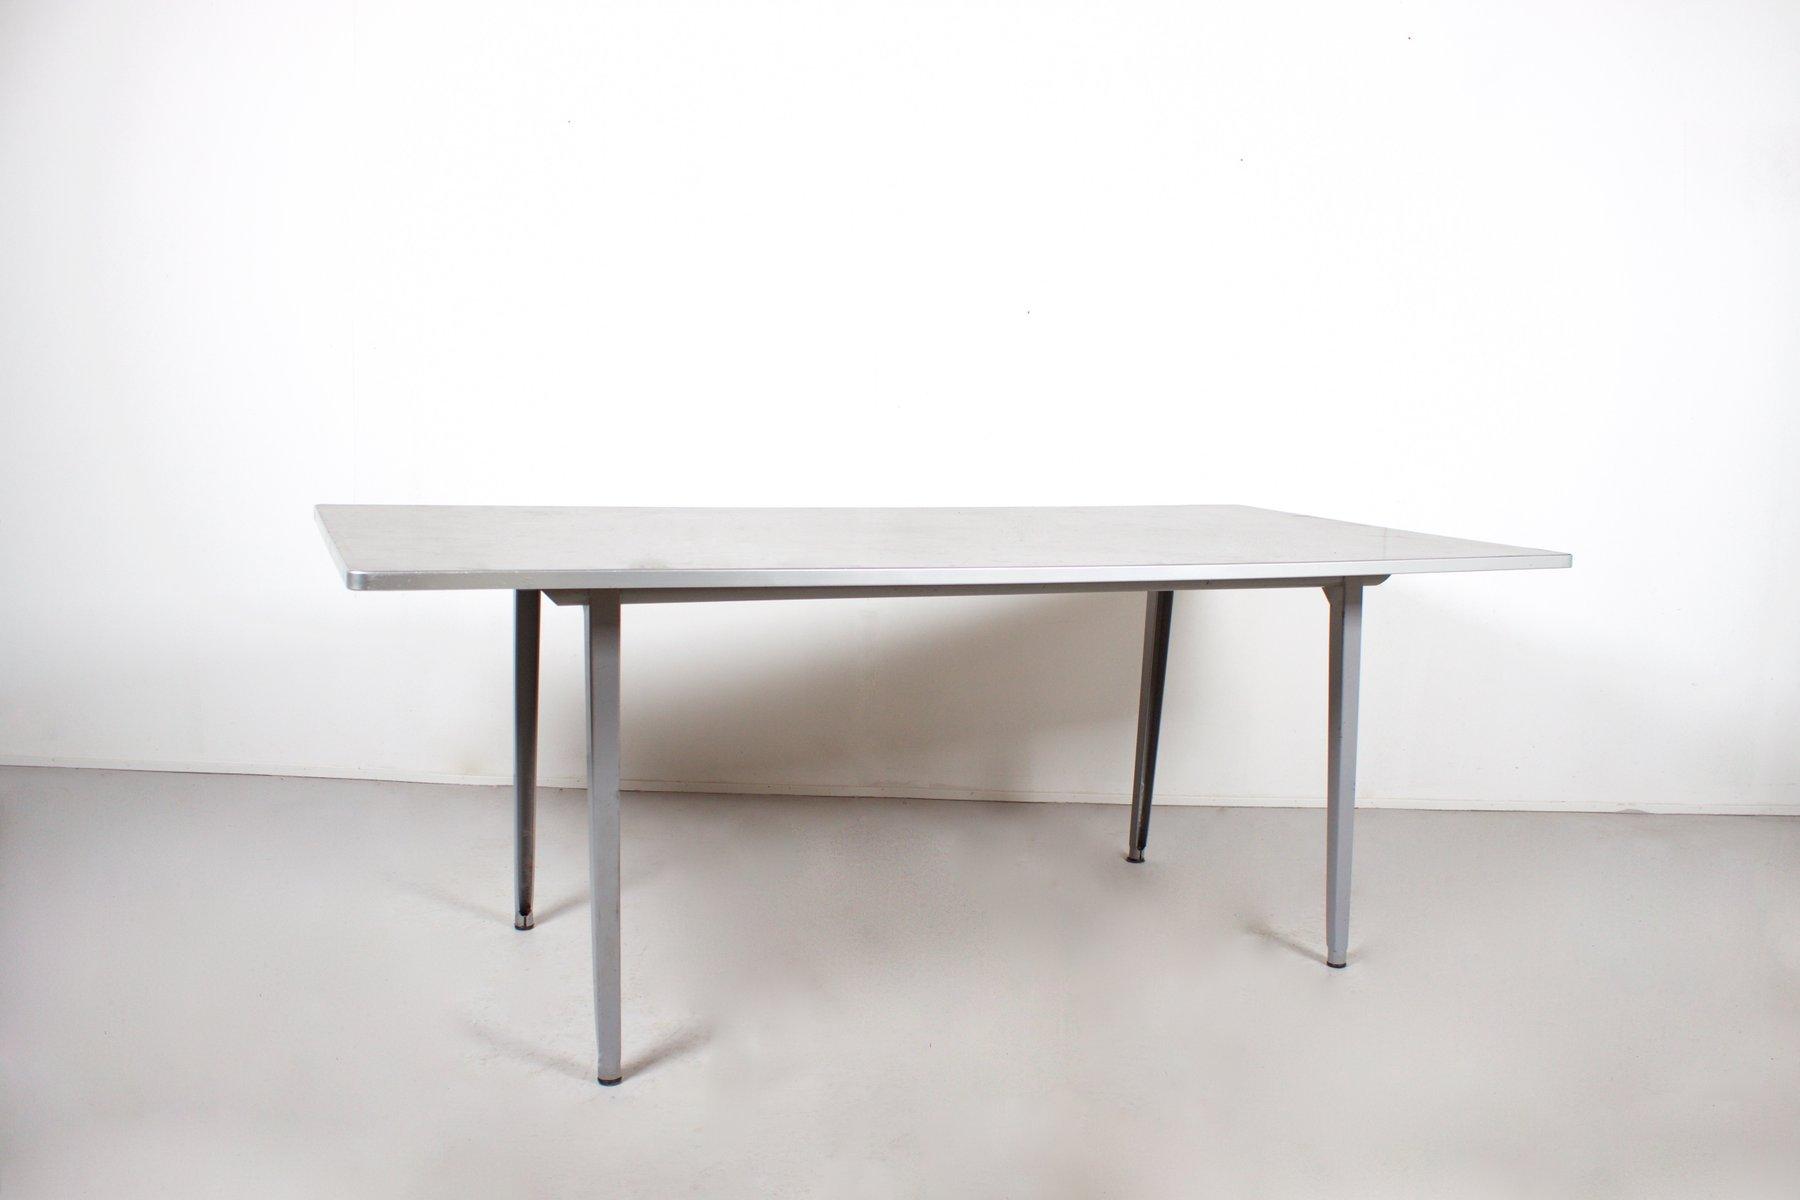 gro er reform tisch von friso kramer f r ahrend de cirkel 1955 bei pamono kaufen. Black Bedroom Furniture Sets. Home Design Ideas